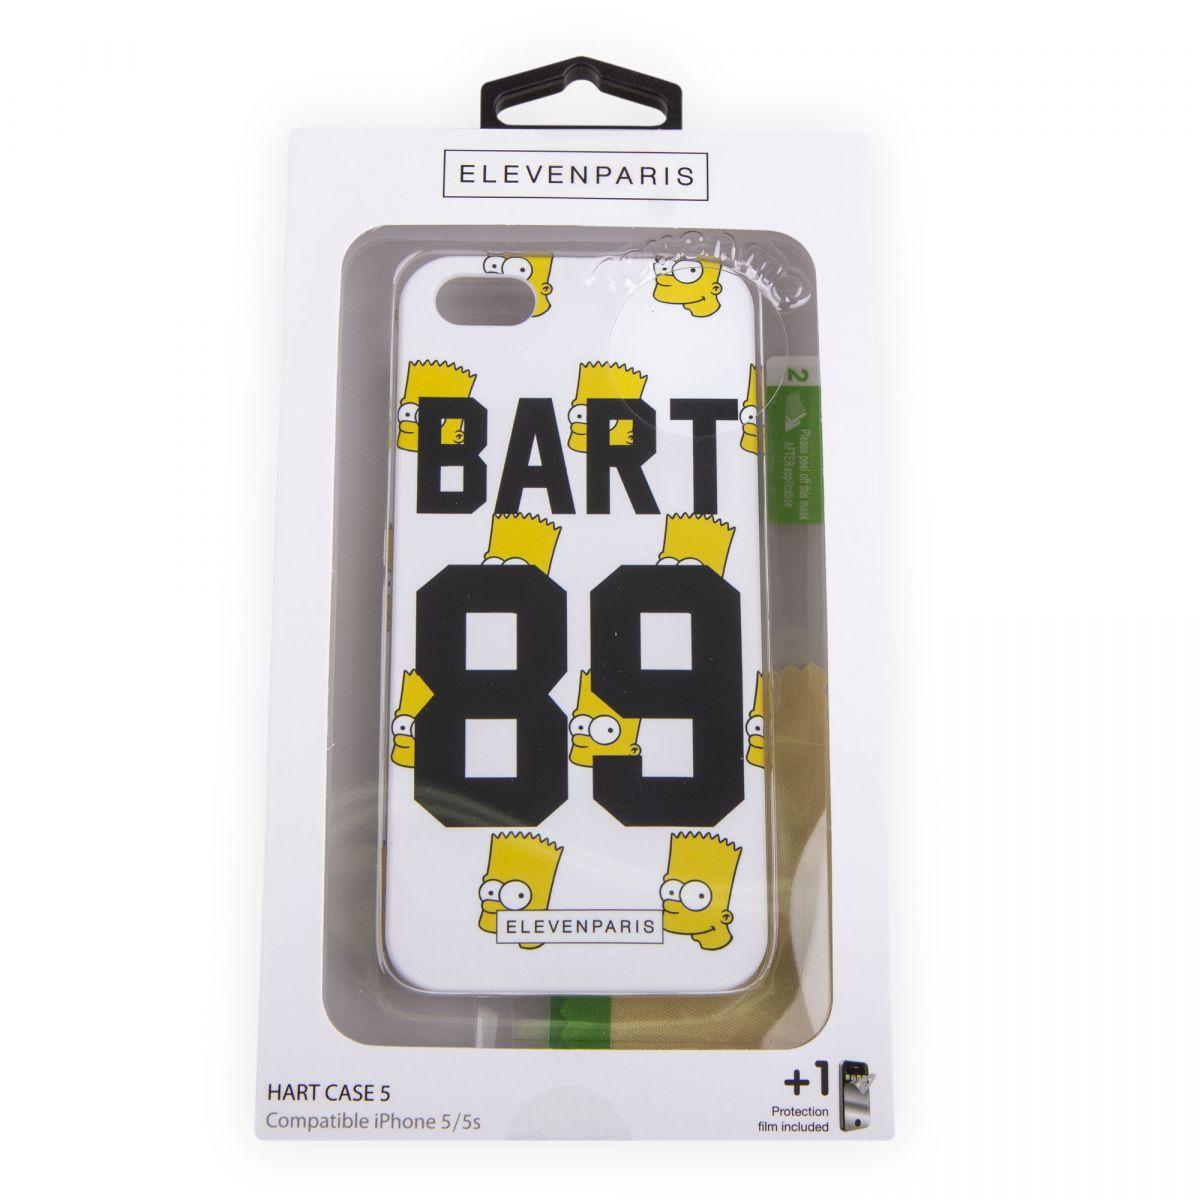 Coque iPhone 5/5s Bart Simpson ELEVEN PARIS à prix dégriffé !